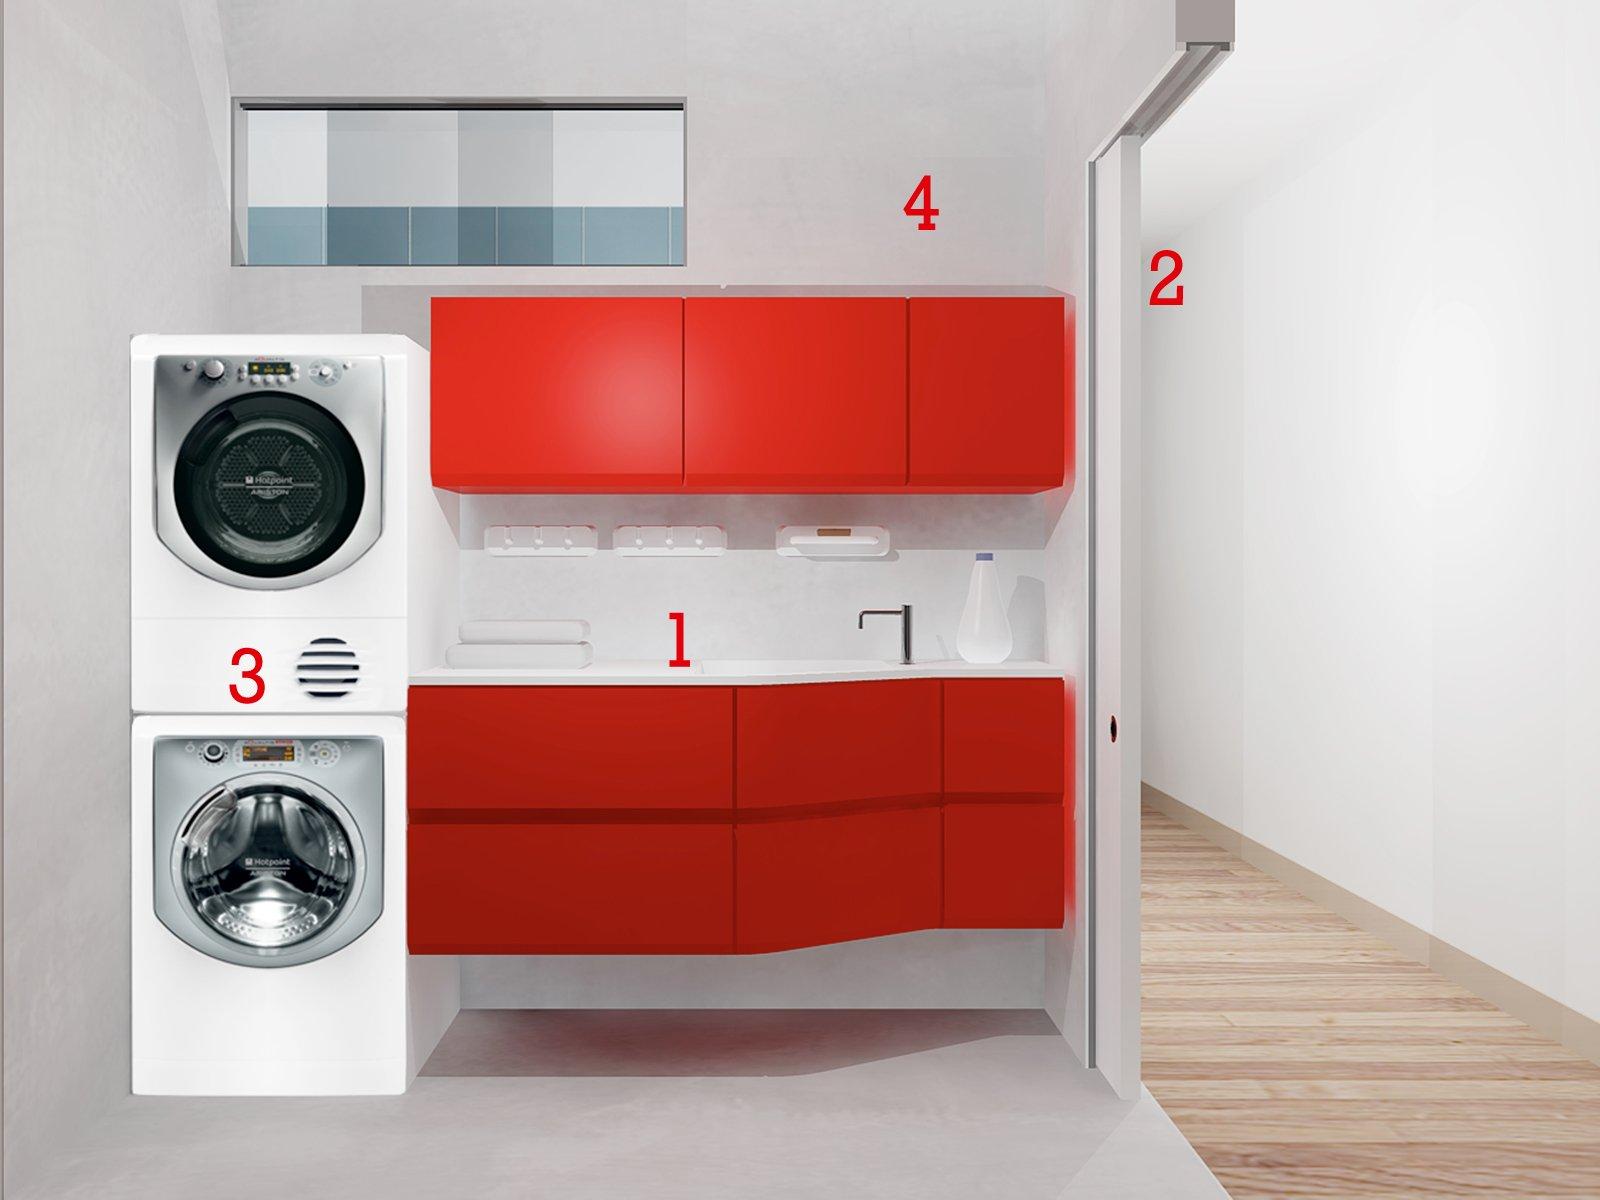 Lavanderia in 3 mq come la ricavo e quanto costa cose - Quanto costa un architetto per ristrutturare casa ...